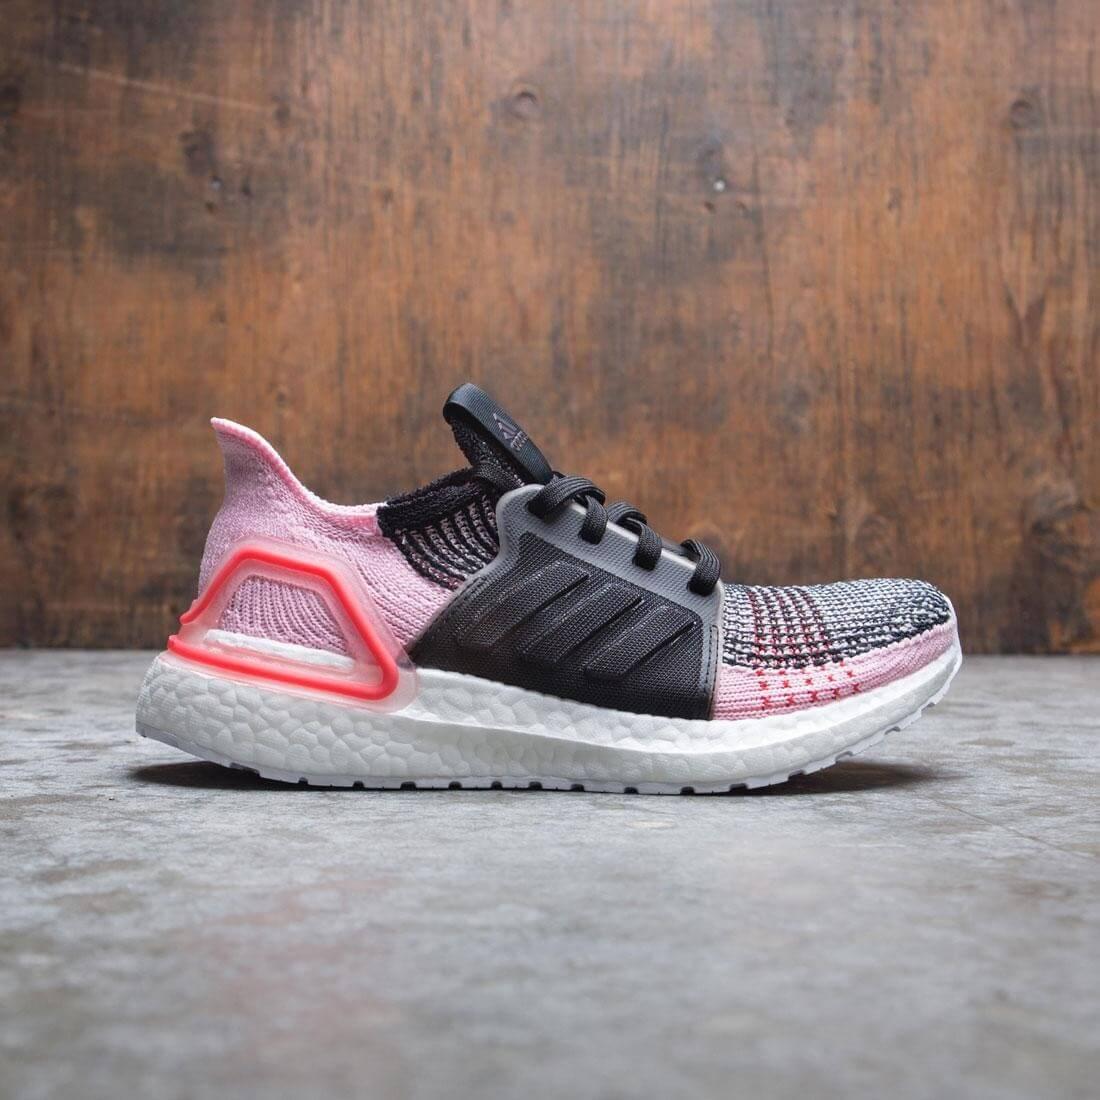 best womens treadmill running shoes